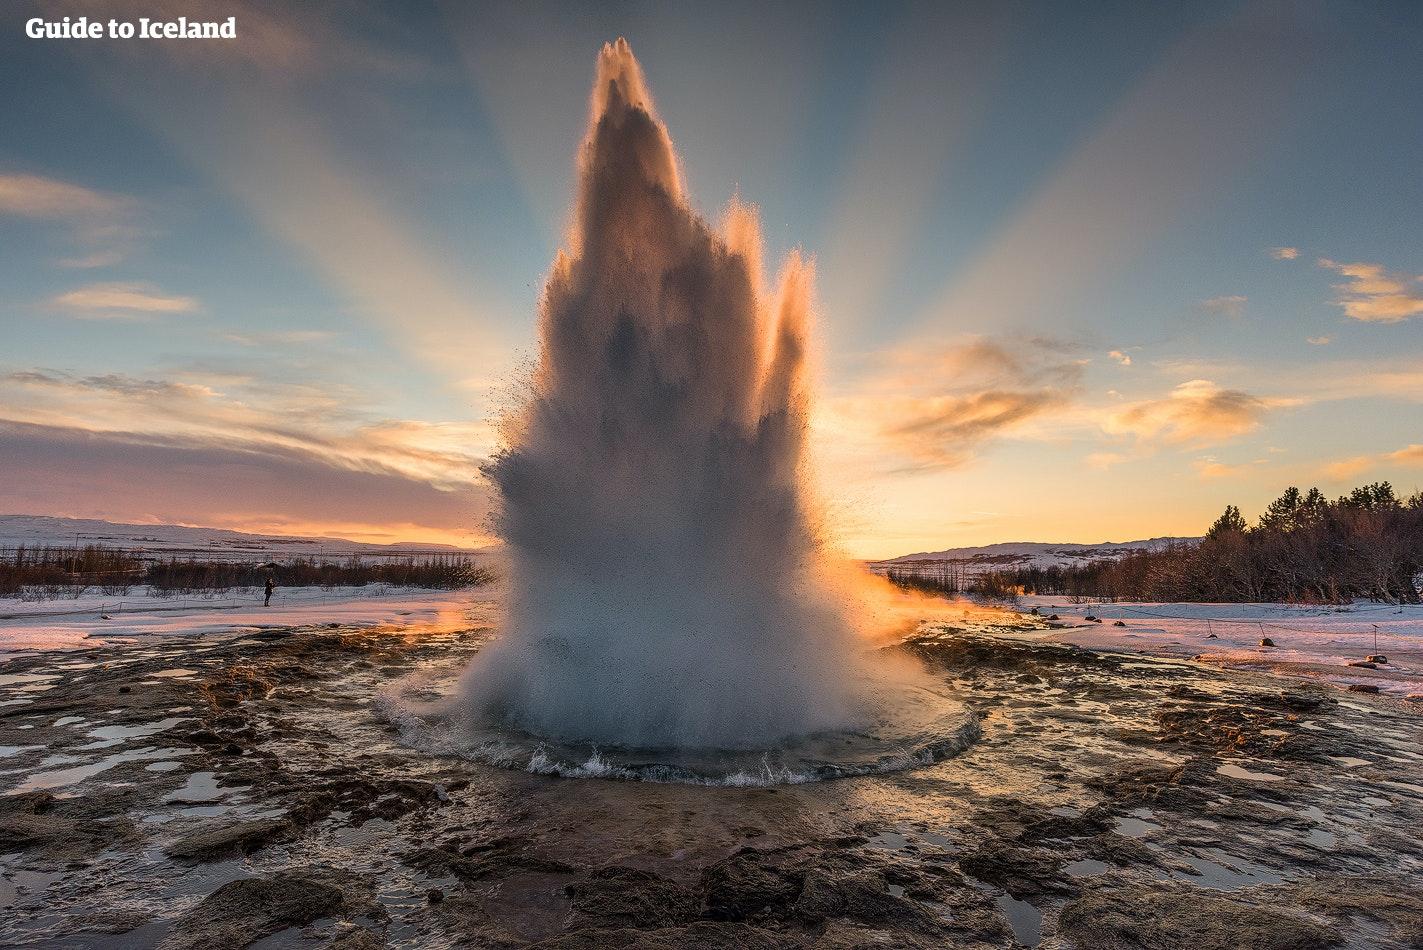 冰岛黄金圈之间歇泉